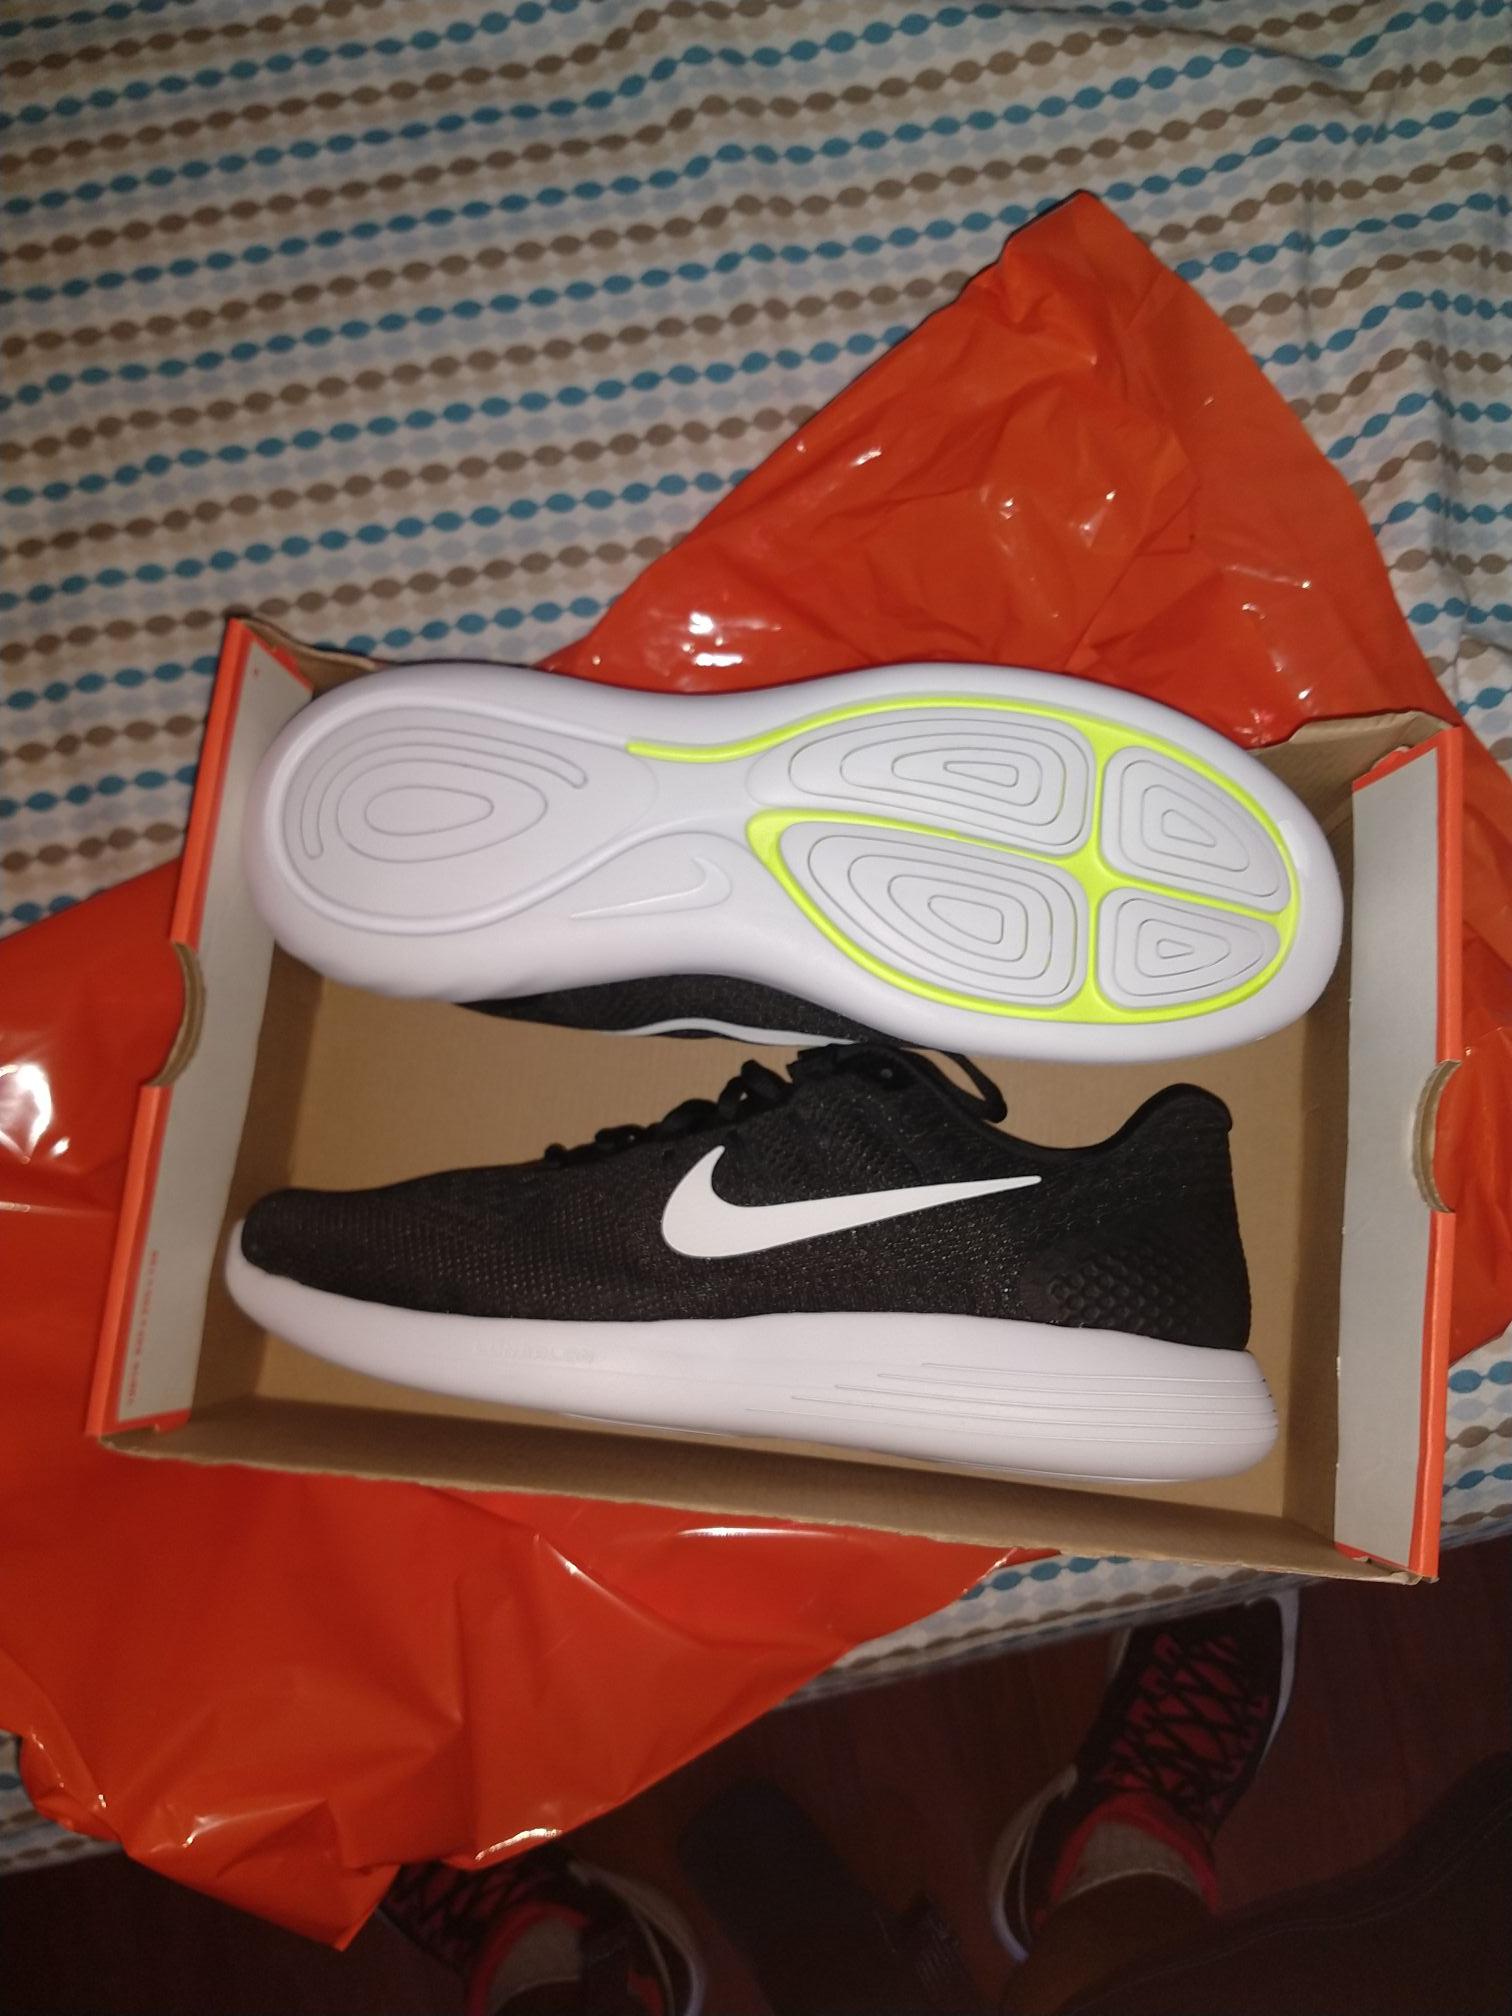 Nike factory Metepec: 50% de descuento en pared